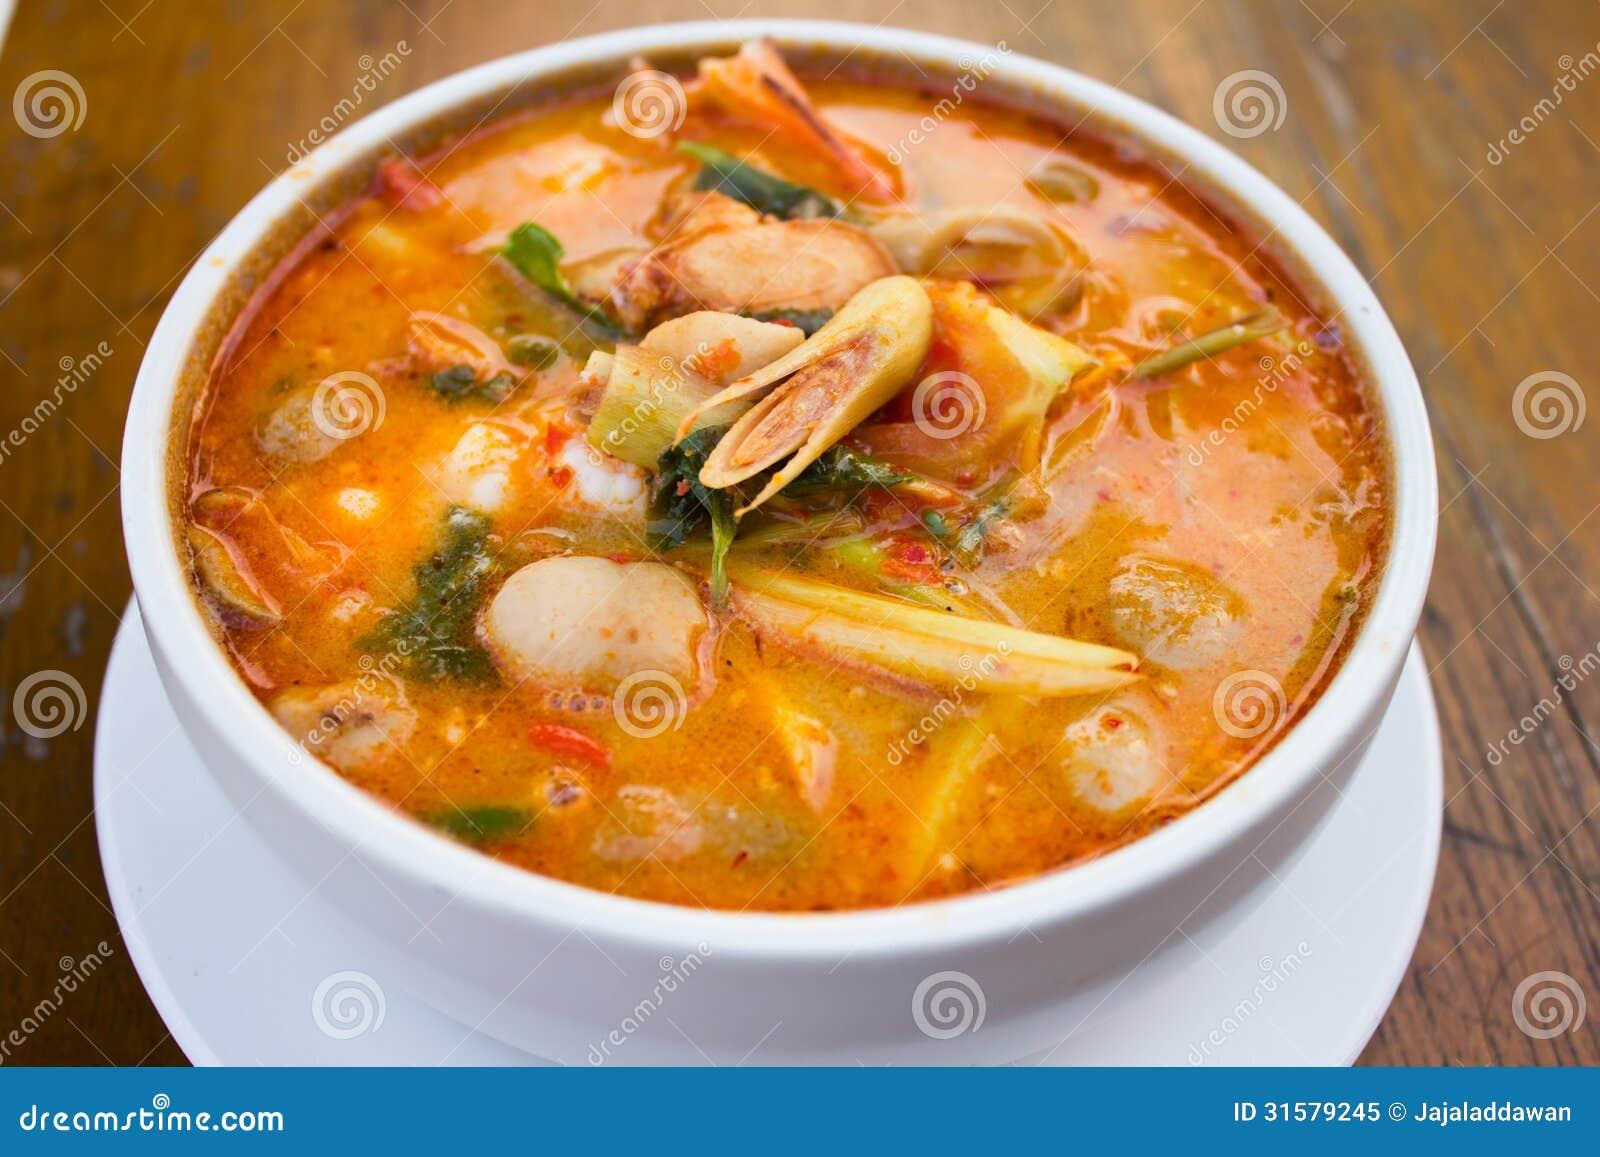 Рецепт супа том ям с курицей в домашних условиях рецепт